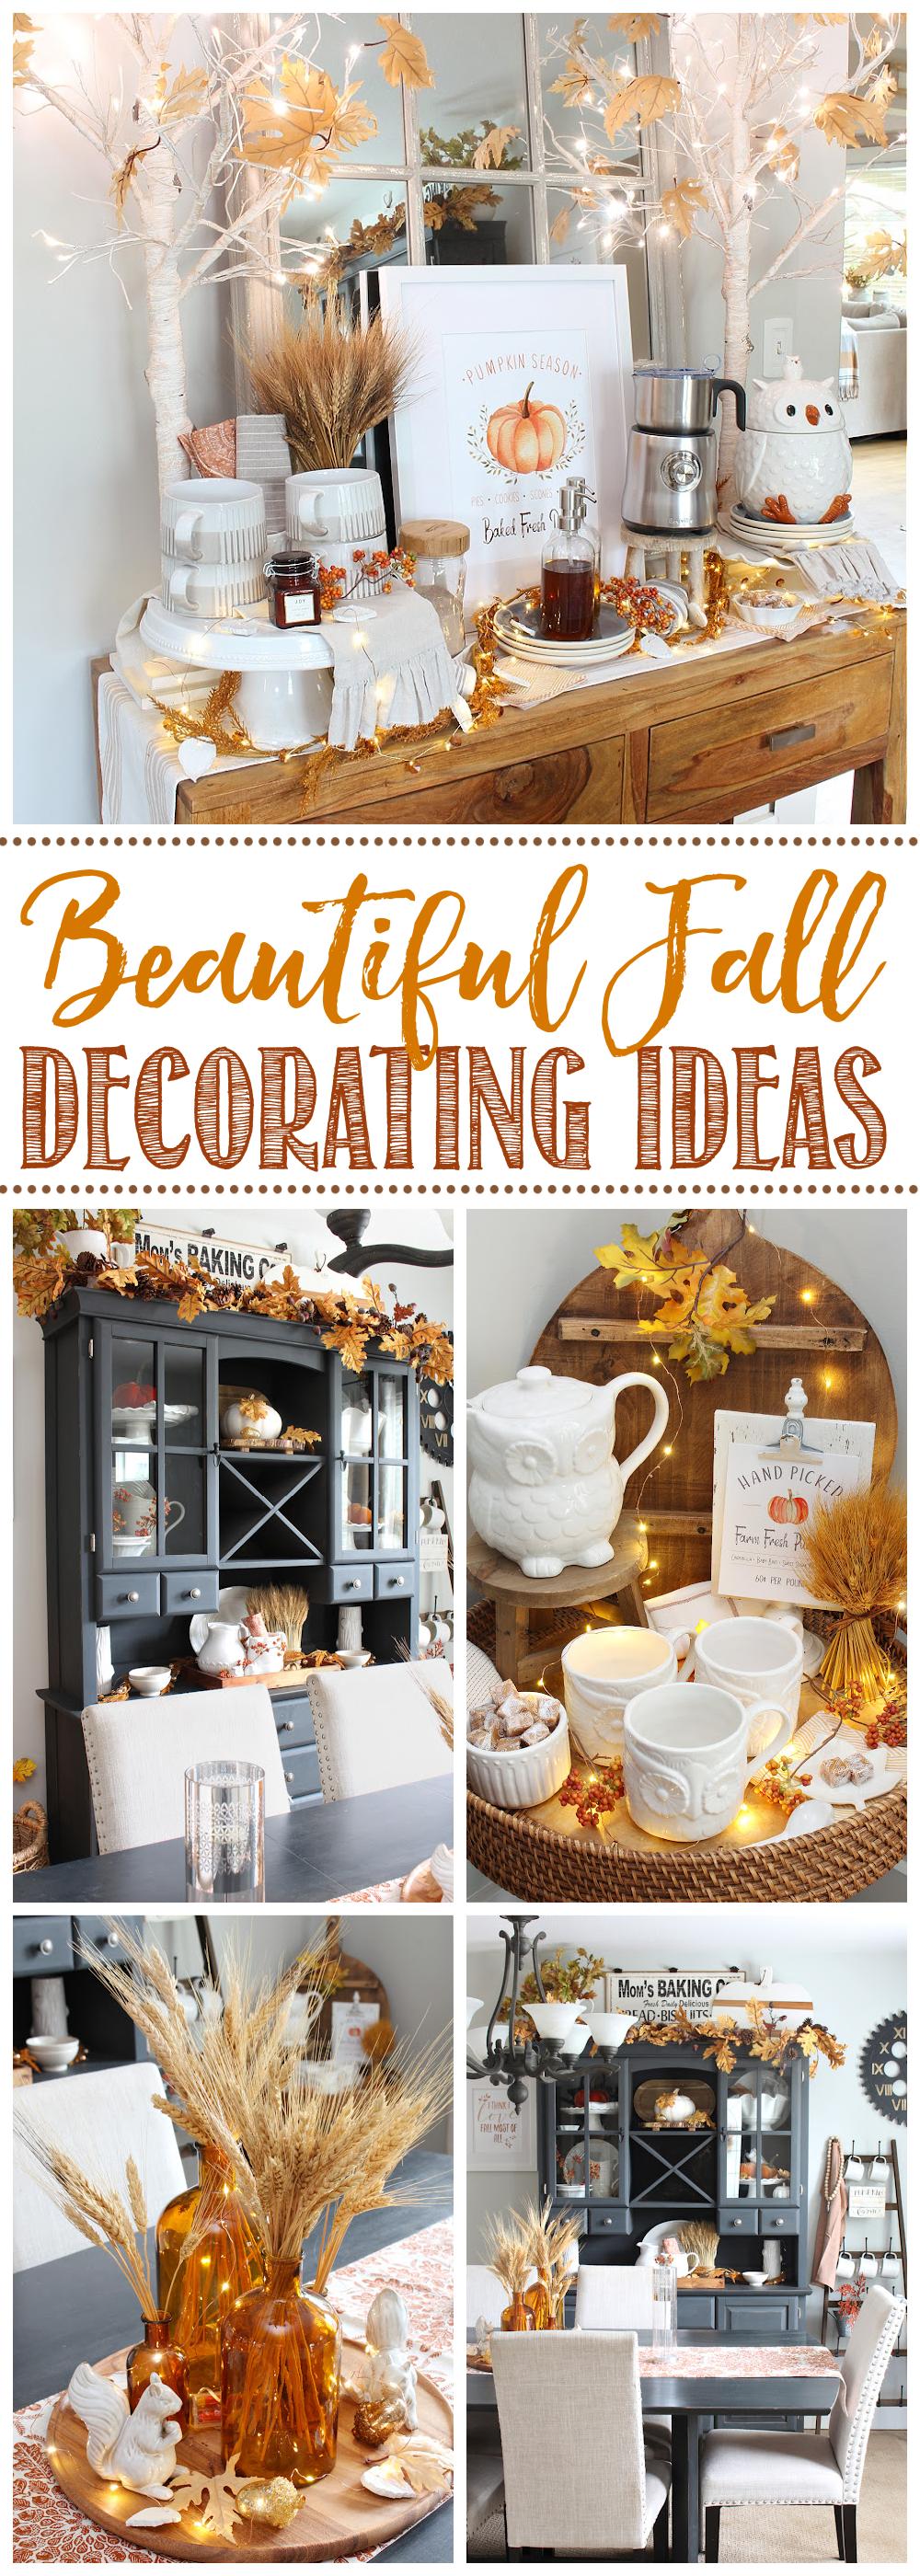 College of beautiful fall decor ideas.